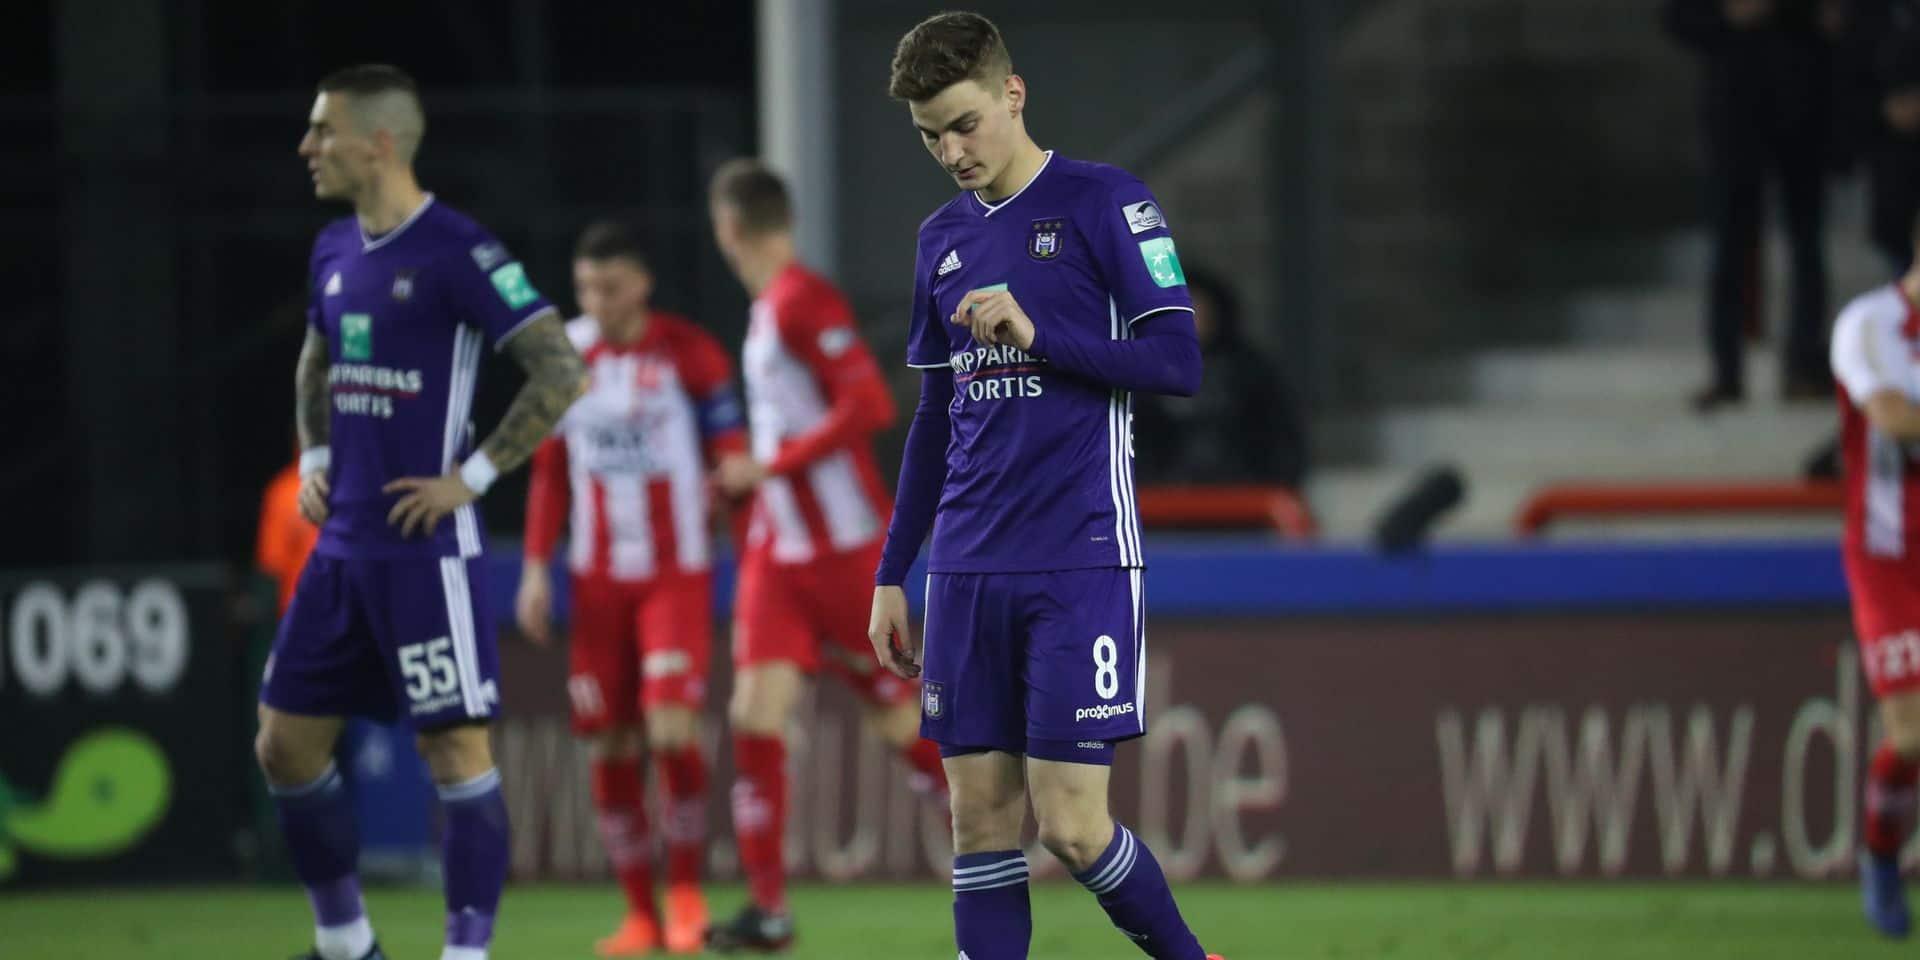 Gerkens invisible, Dimata esseulé : découvrez les notes des joueurs après la victoire de Mouscron face à Anderlecht